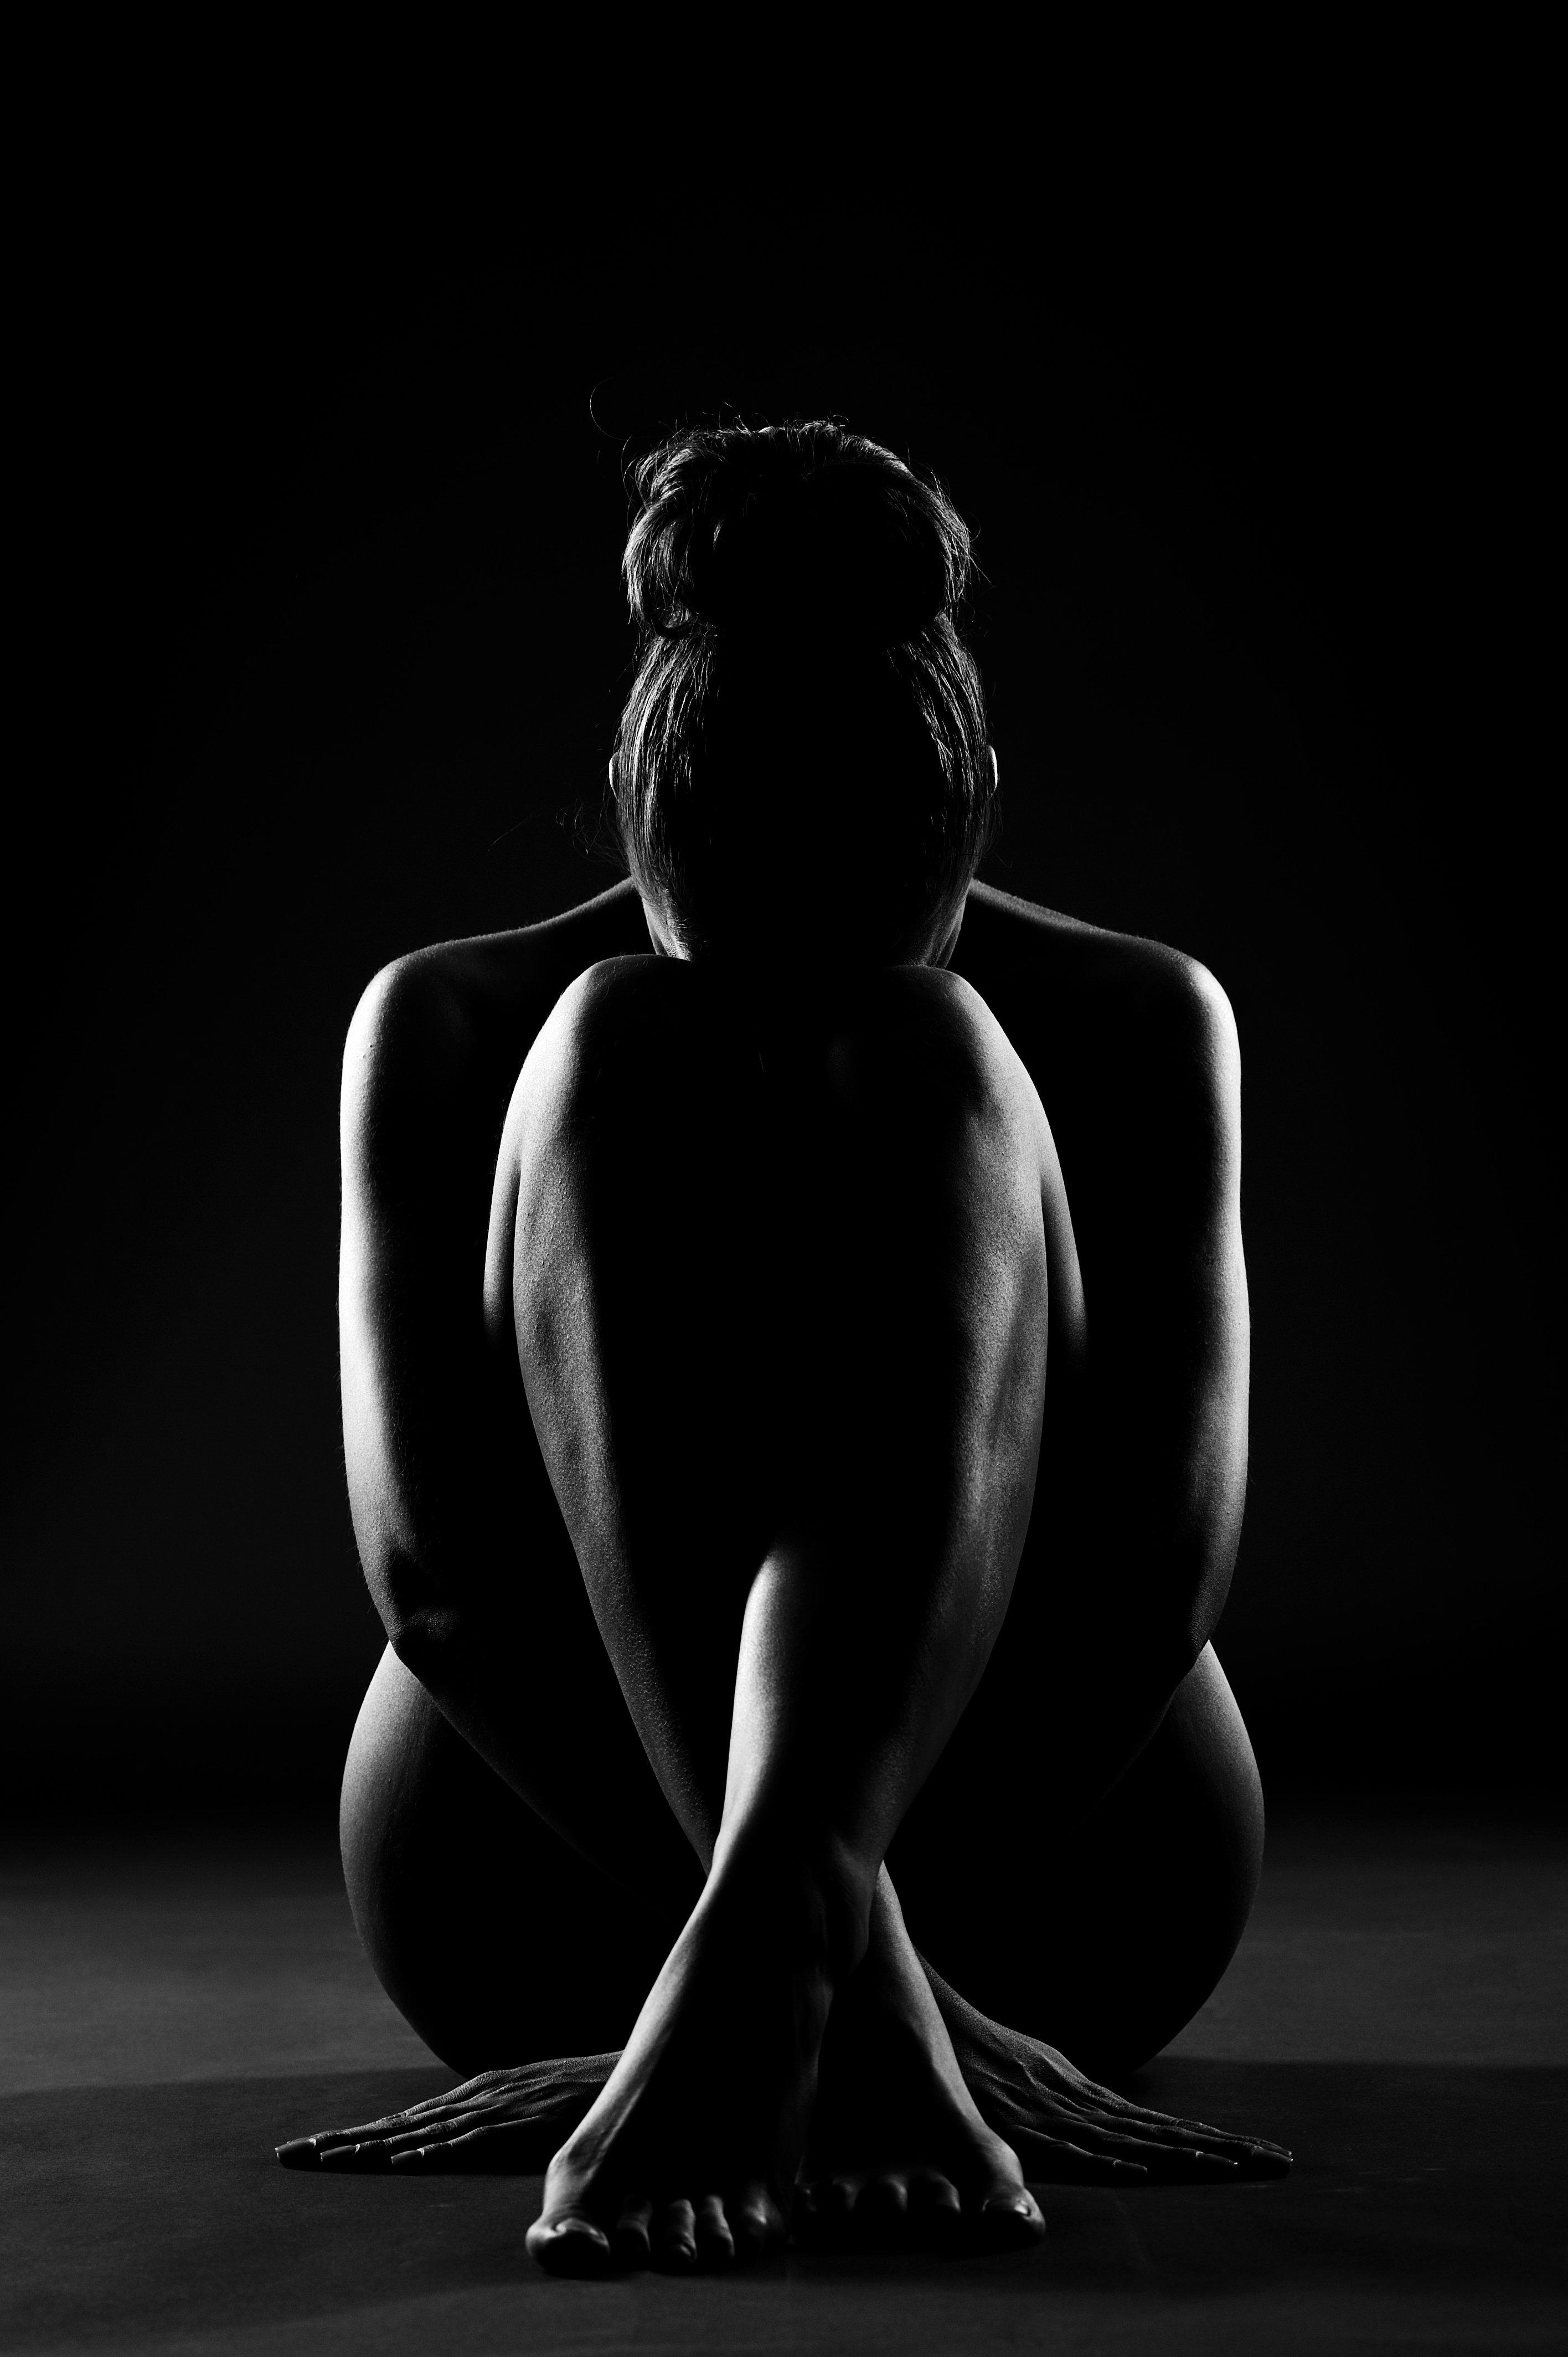 девушка,ню,симметрия, Влад Шуман